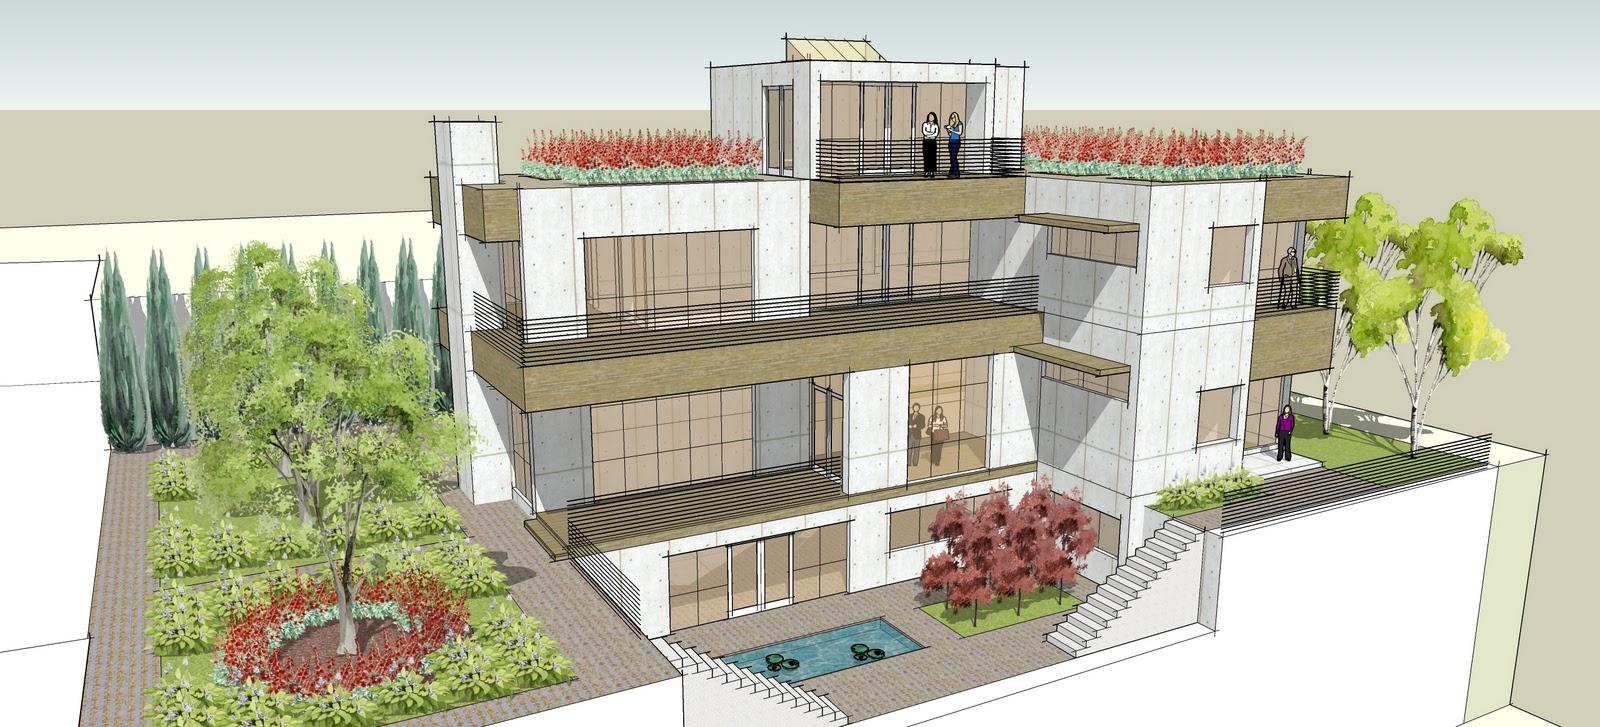 Ron brenner architects new modern korean home design for Home design korea